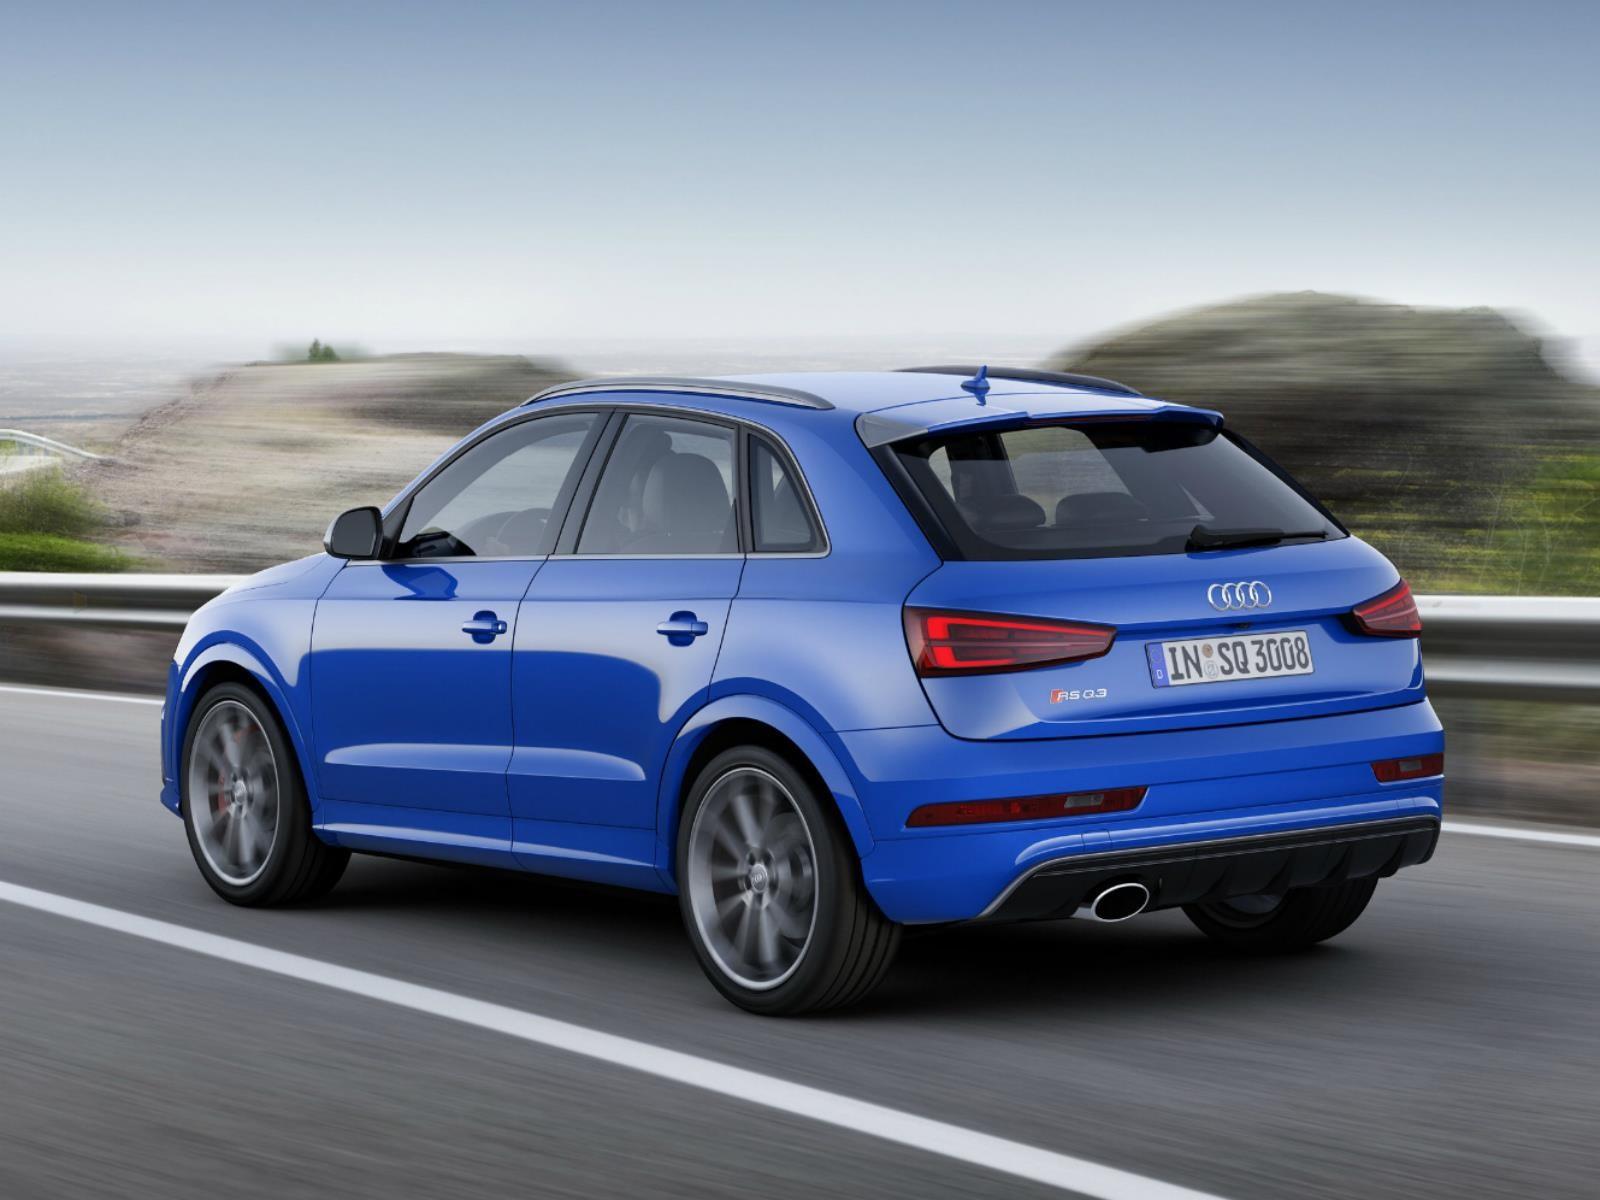 Salón de Bogotá 2016 - Audi RS Q3 Performance es develado en Bogotá - Noticias, novedades y ...